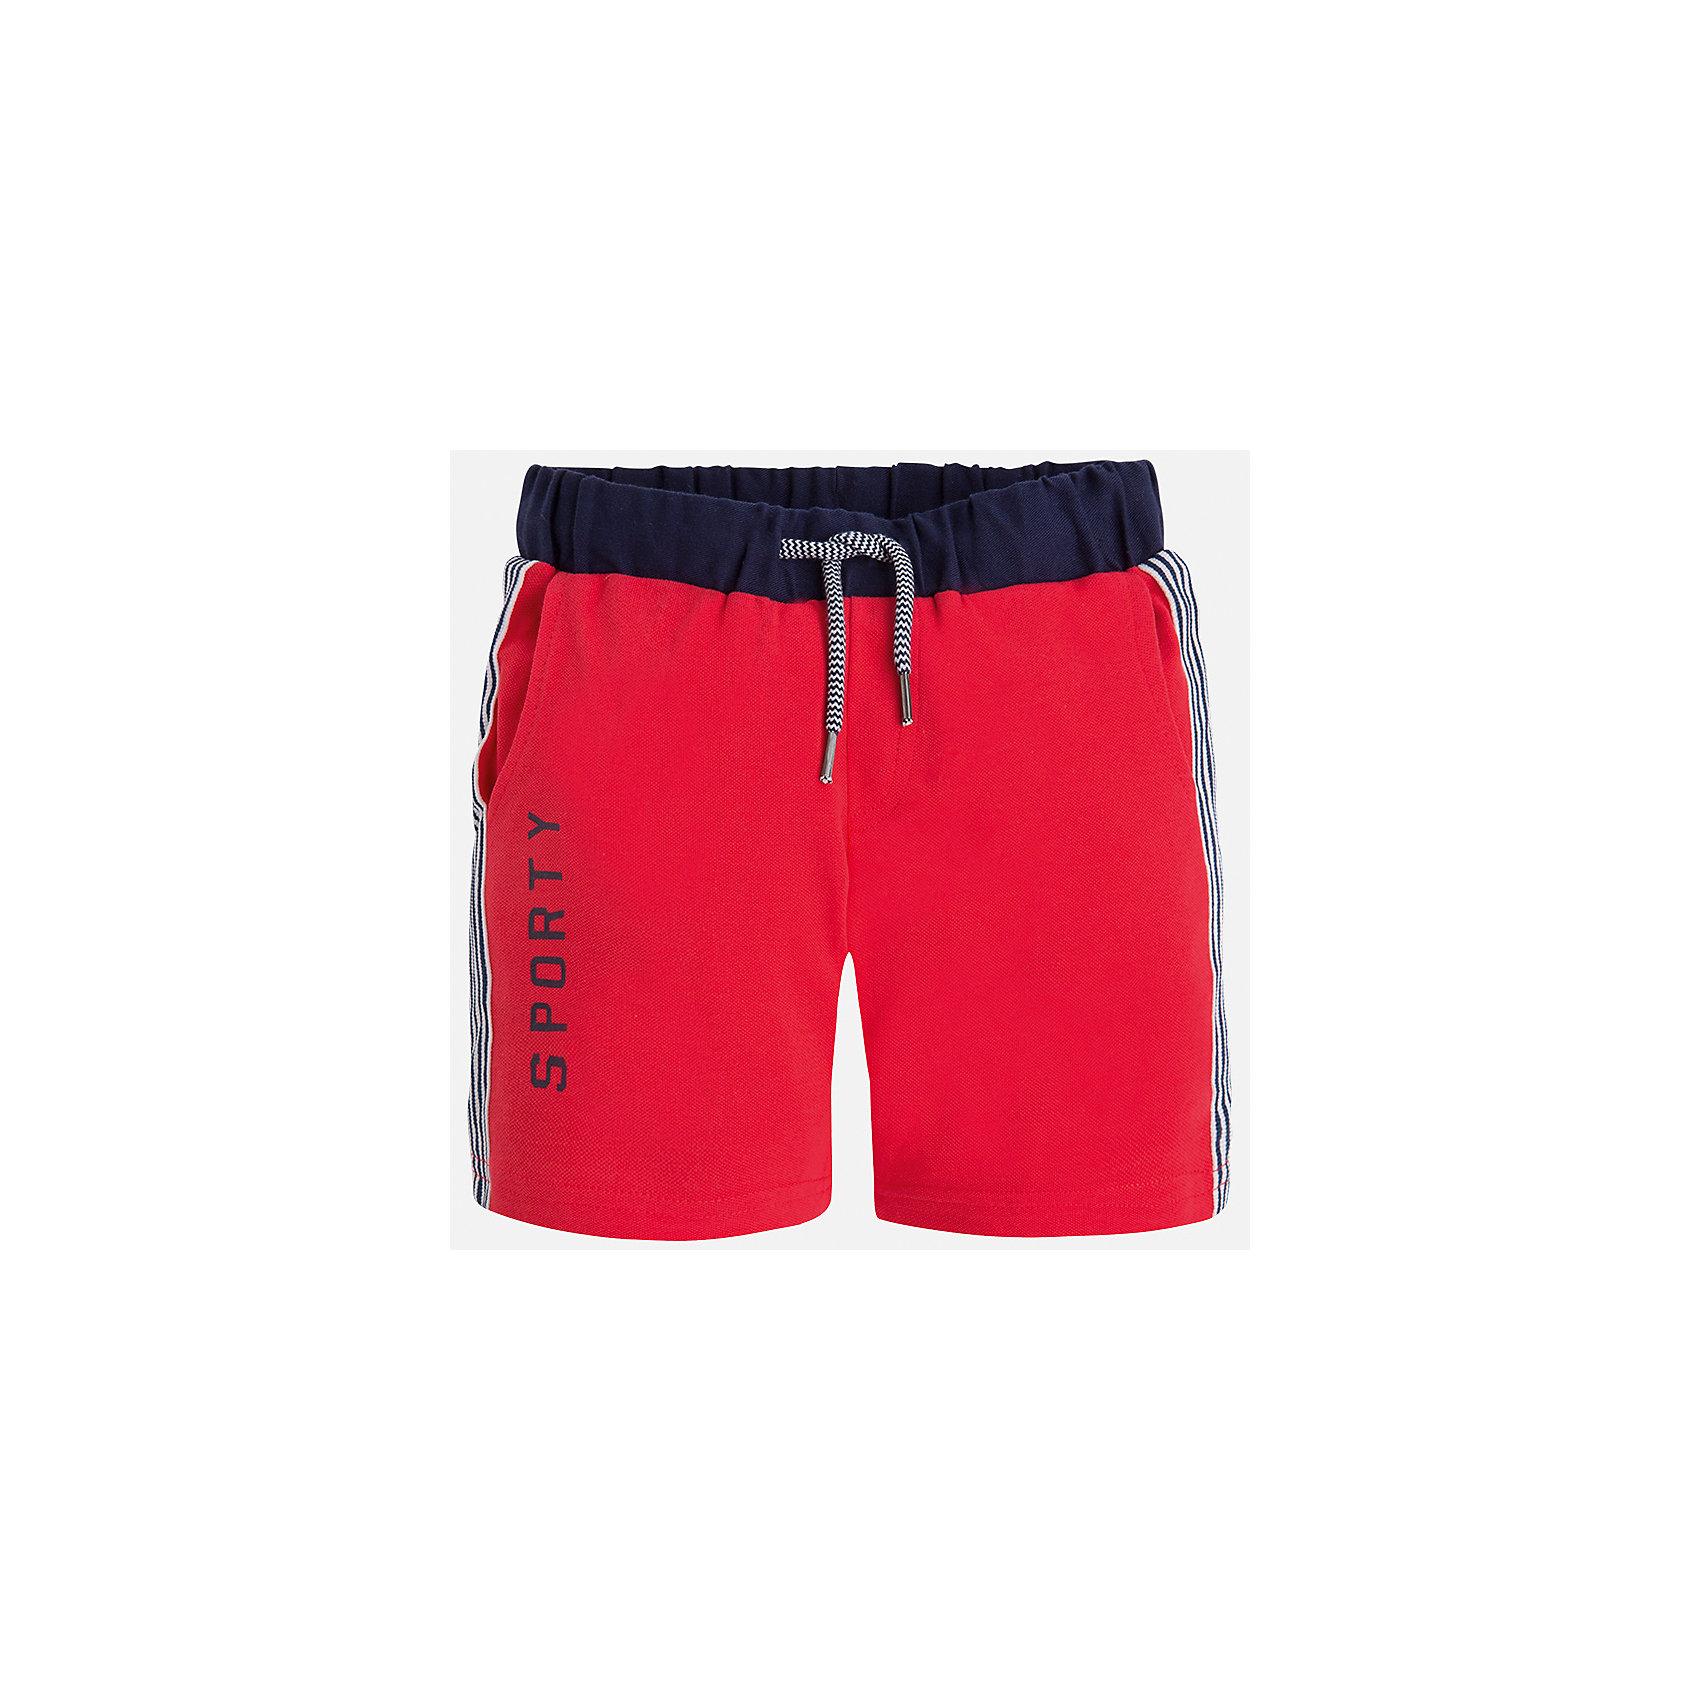 Бриджи для мальчика MayoralШорты, бриджи, капри<br>Характеристики товара:<br><br>• цвет: красный<br>• состав: 95% хлопок, 5% эластан<br>• средняя длина<br>• принт<br>• пояс - резинка со шнурком<br>• мягкий материал<br>• страна бренда: Испания<br><br>Спортивные бриджи для мальчика помогут обеспечить ребенку комфорт. Они отлично сочетаются с майками, футболками, курточками в спортивном стиле. Универсальный крой и цвет позволяет подобрать к вещи верх разных расцветок. Практичное и стильное изделие! В составе материала - натуральный хлопок, гипоаллергенный, приятный на ощупь, дышащий.<br><br>Одежда, обувь и аксессуары от испанского бренда Mayoral полюбились детям и взрослым по всему миру. Модели этой марки - стильные и удобные. Для их производства используются только безопасные, качественные материалы и фурнитура. Порадуйте ребенка модными и красивыми вещами от Mayoral! <br><br>Бриджи для мальчика от испанского бренда Mayoral (Майорал) можно купить в нашем интернет-магазине.<br><br>Ширина мм: 191<br>Глубина мм: 10<br>Высота мм: 175<br>Вес г: 273<br>Цвет: розовый<br>Возраст от месяцев: 96<br>Возраст до месяцев: 108<br>Пол: Мужской<br>Возраст: Детский<br>Размер: 134,128,122,116<br>SKU: 5272746